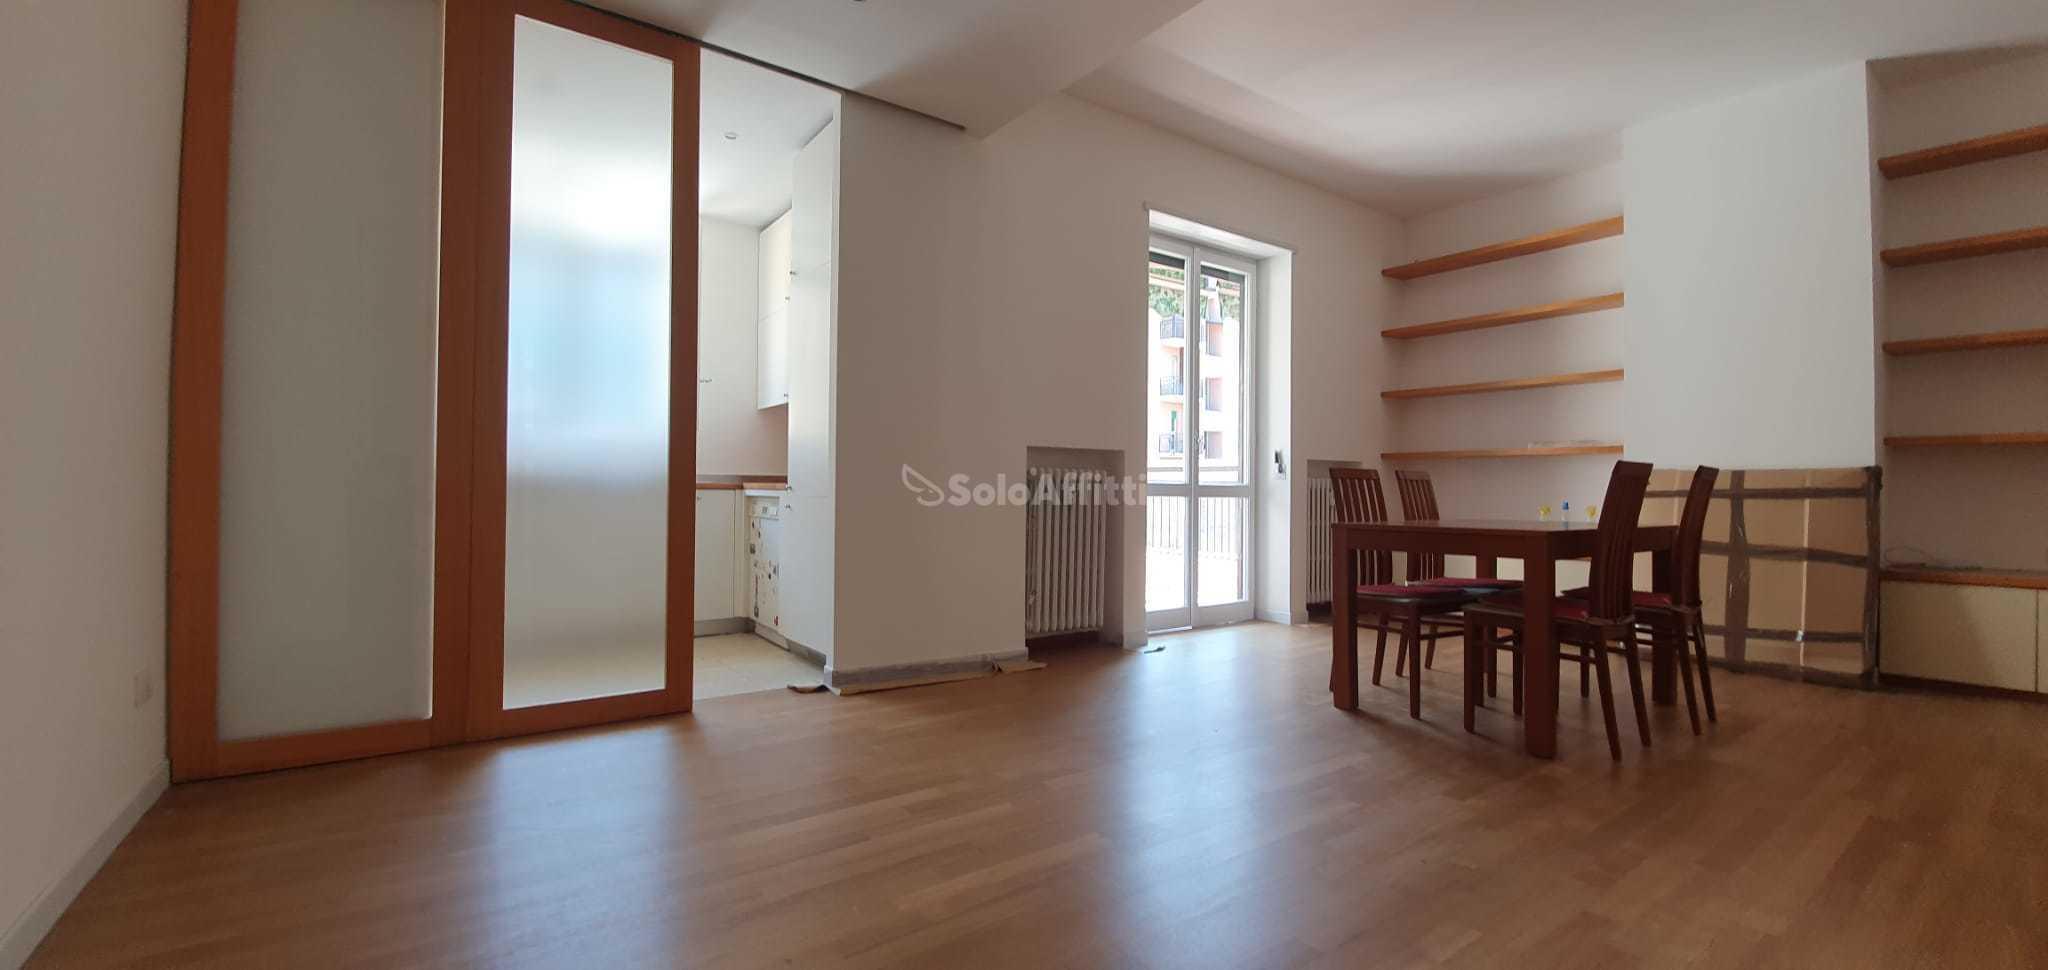 Appartamento Trilocale Arredato 5 vani 95 mq.